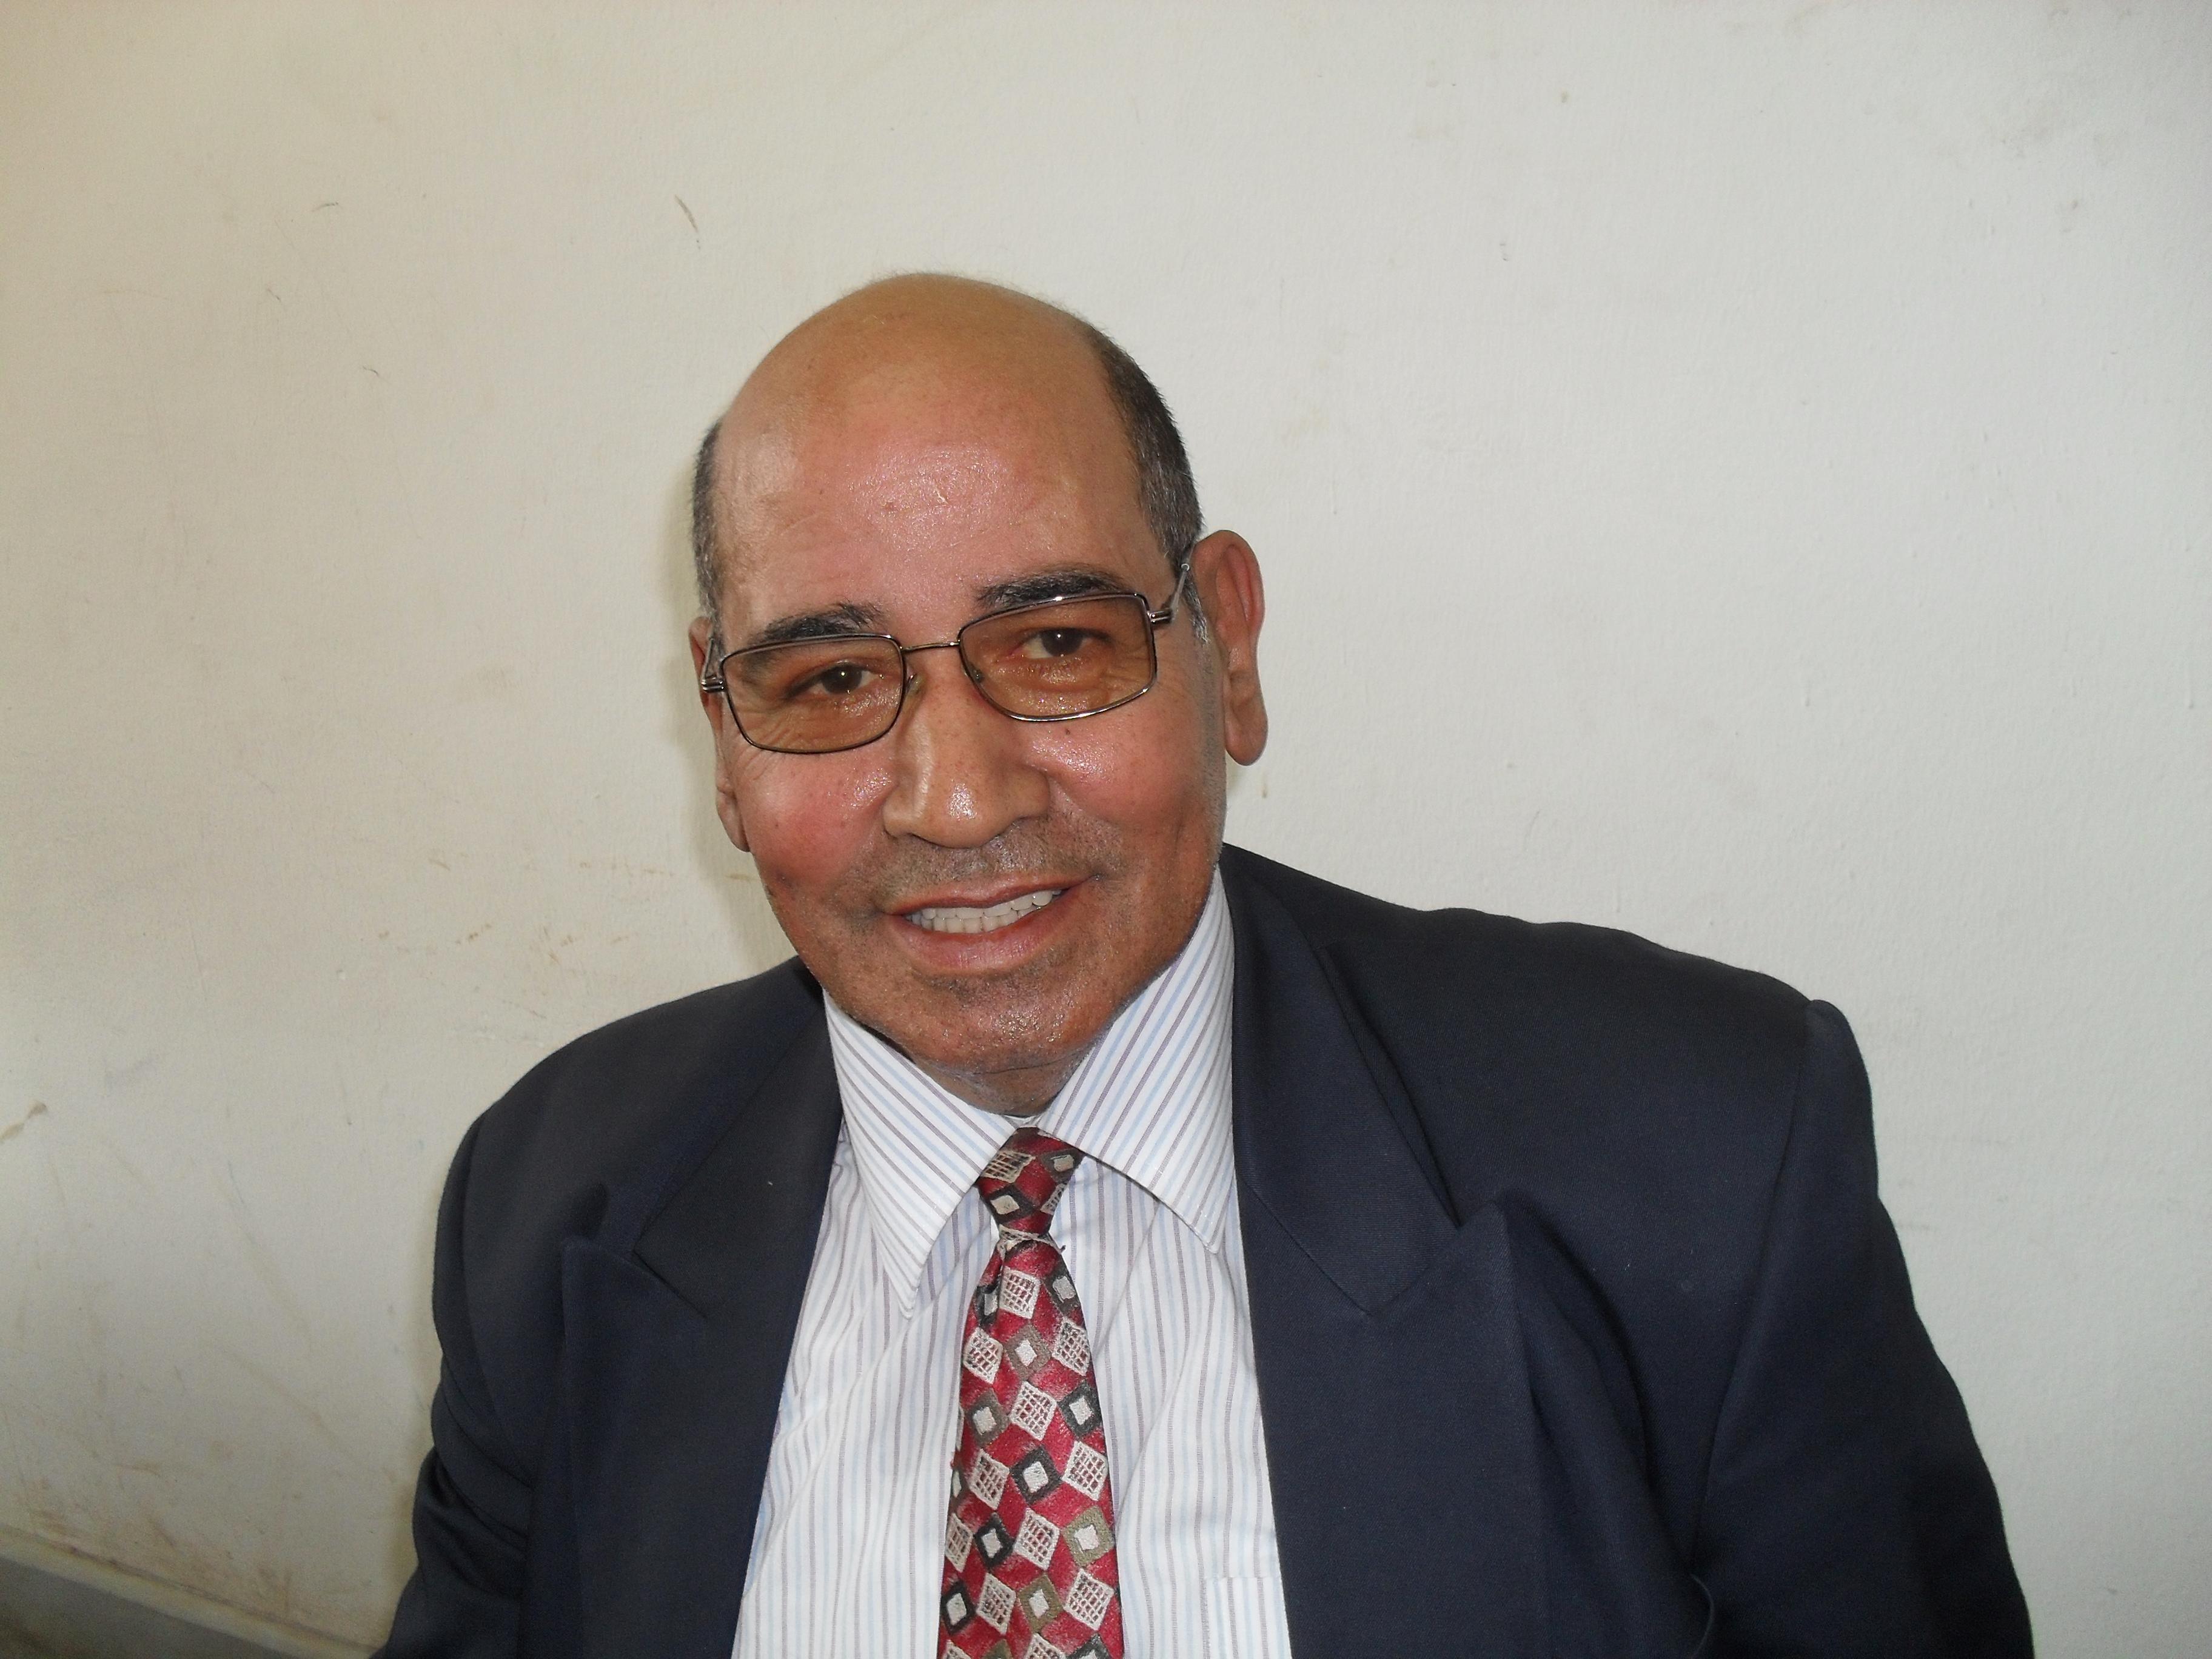 Bader Abdel- Rahman Mohamed